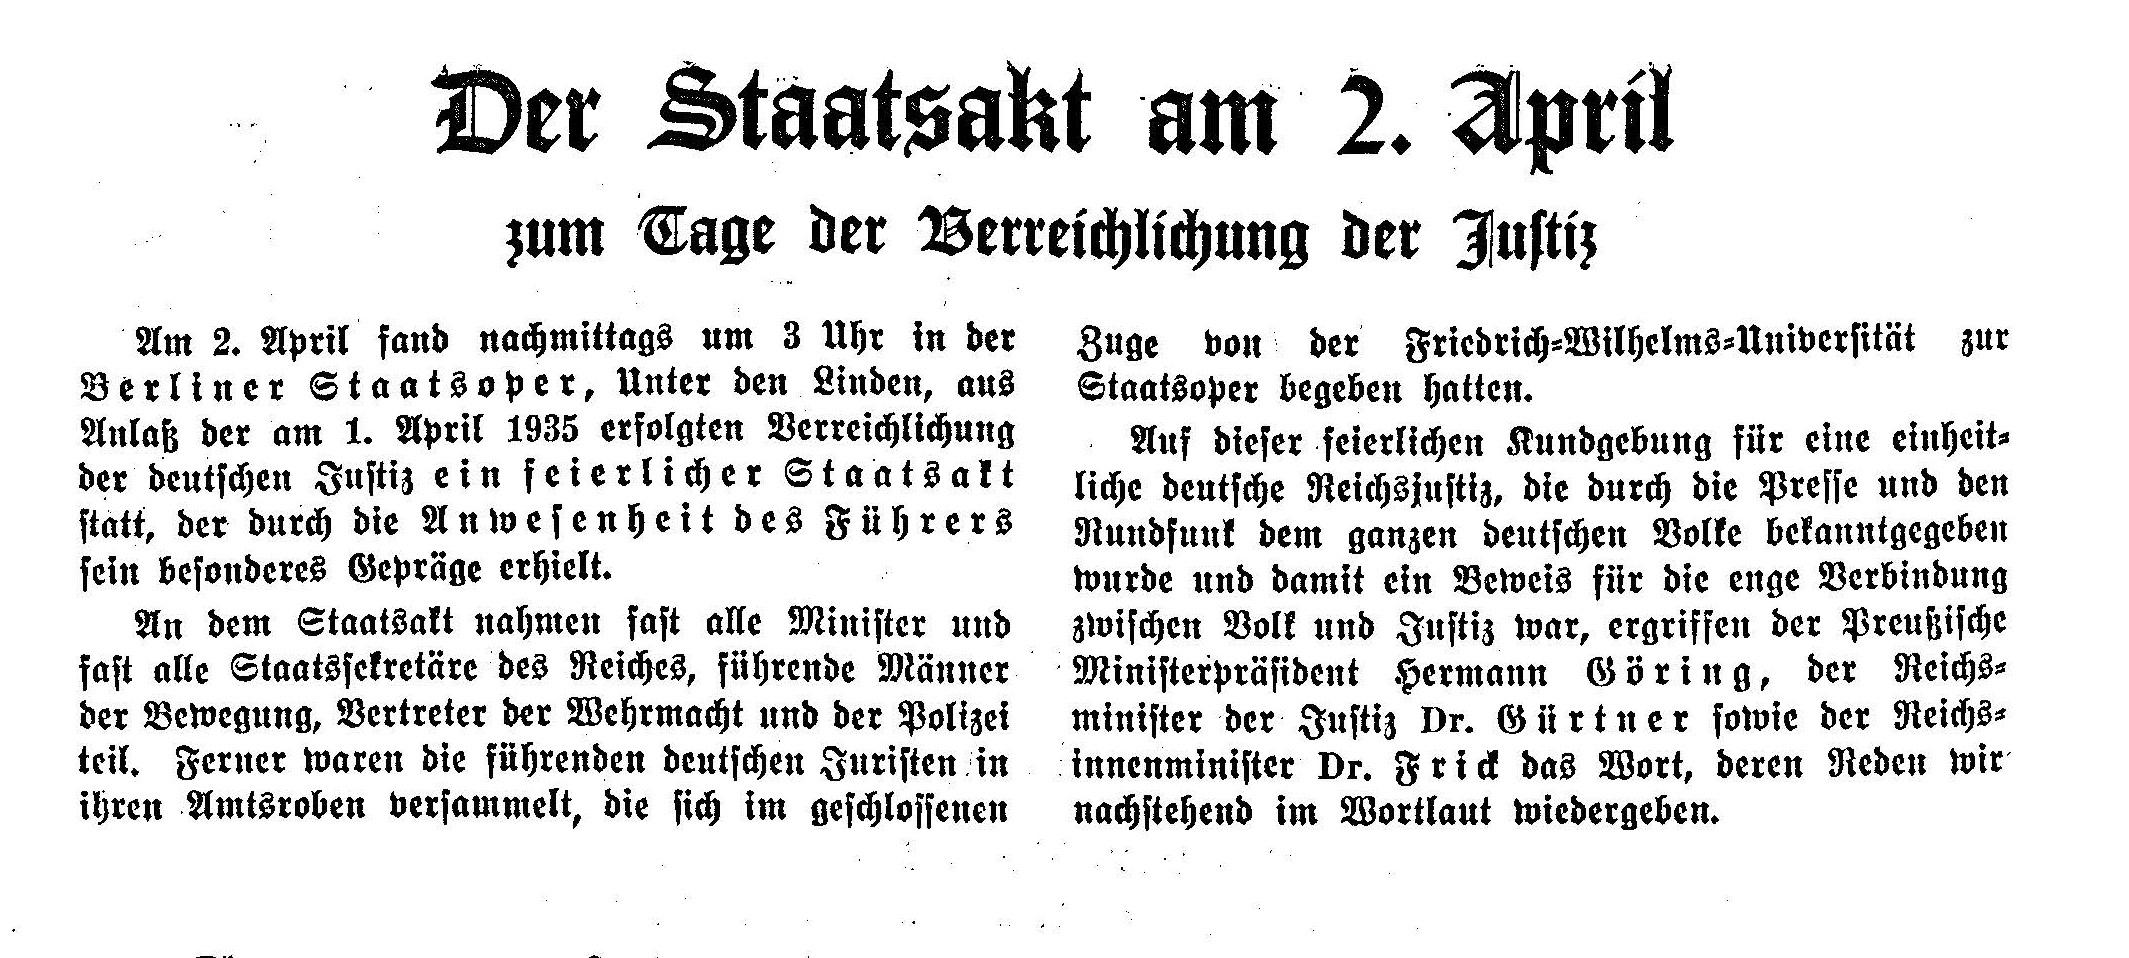 """Der Staatsakt und die gehaltenen Reden anlässlich der """"Verreichlichung"""" bilden den Leitartikel der Aprilausgabe der """"Deutsche Justiz"""""""